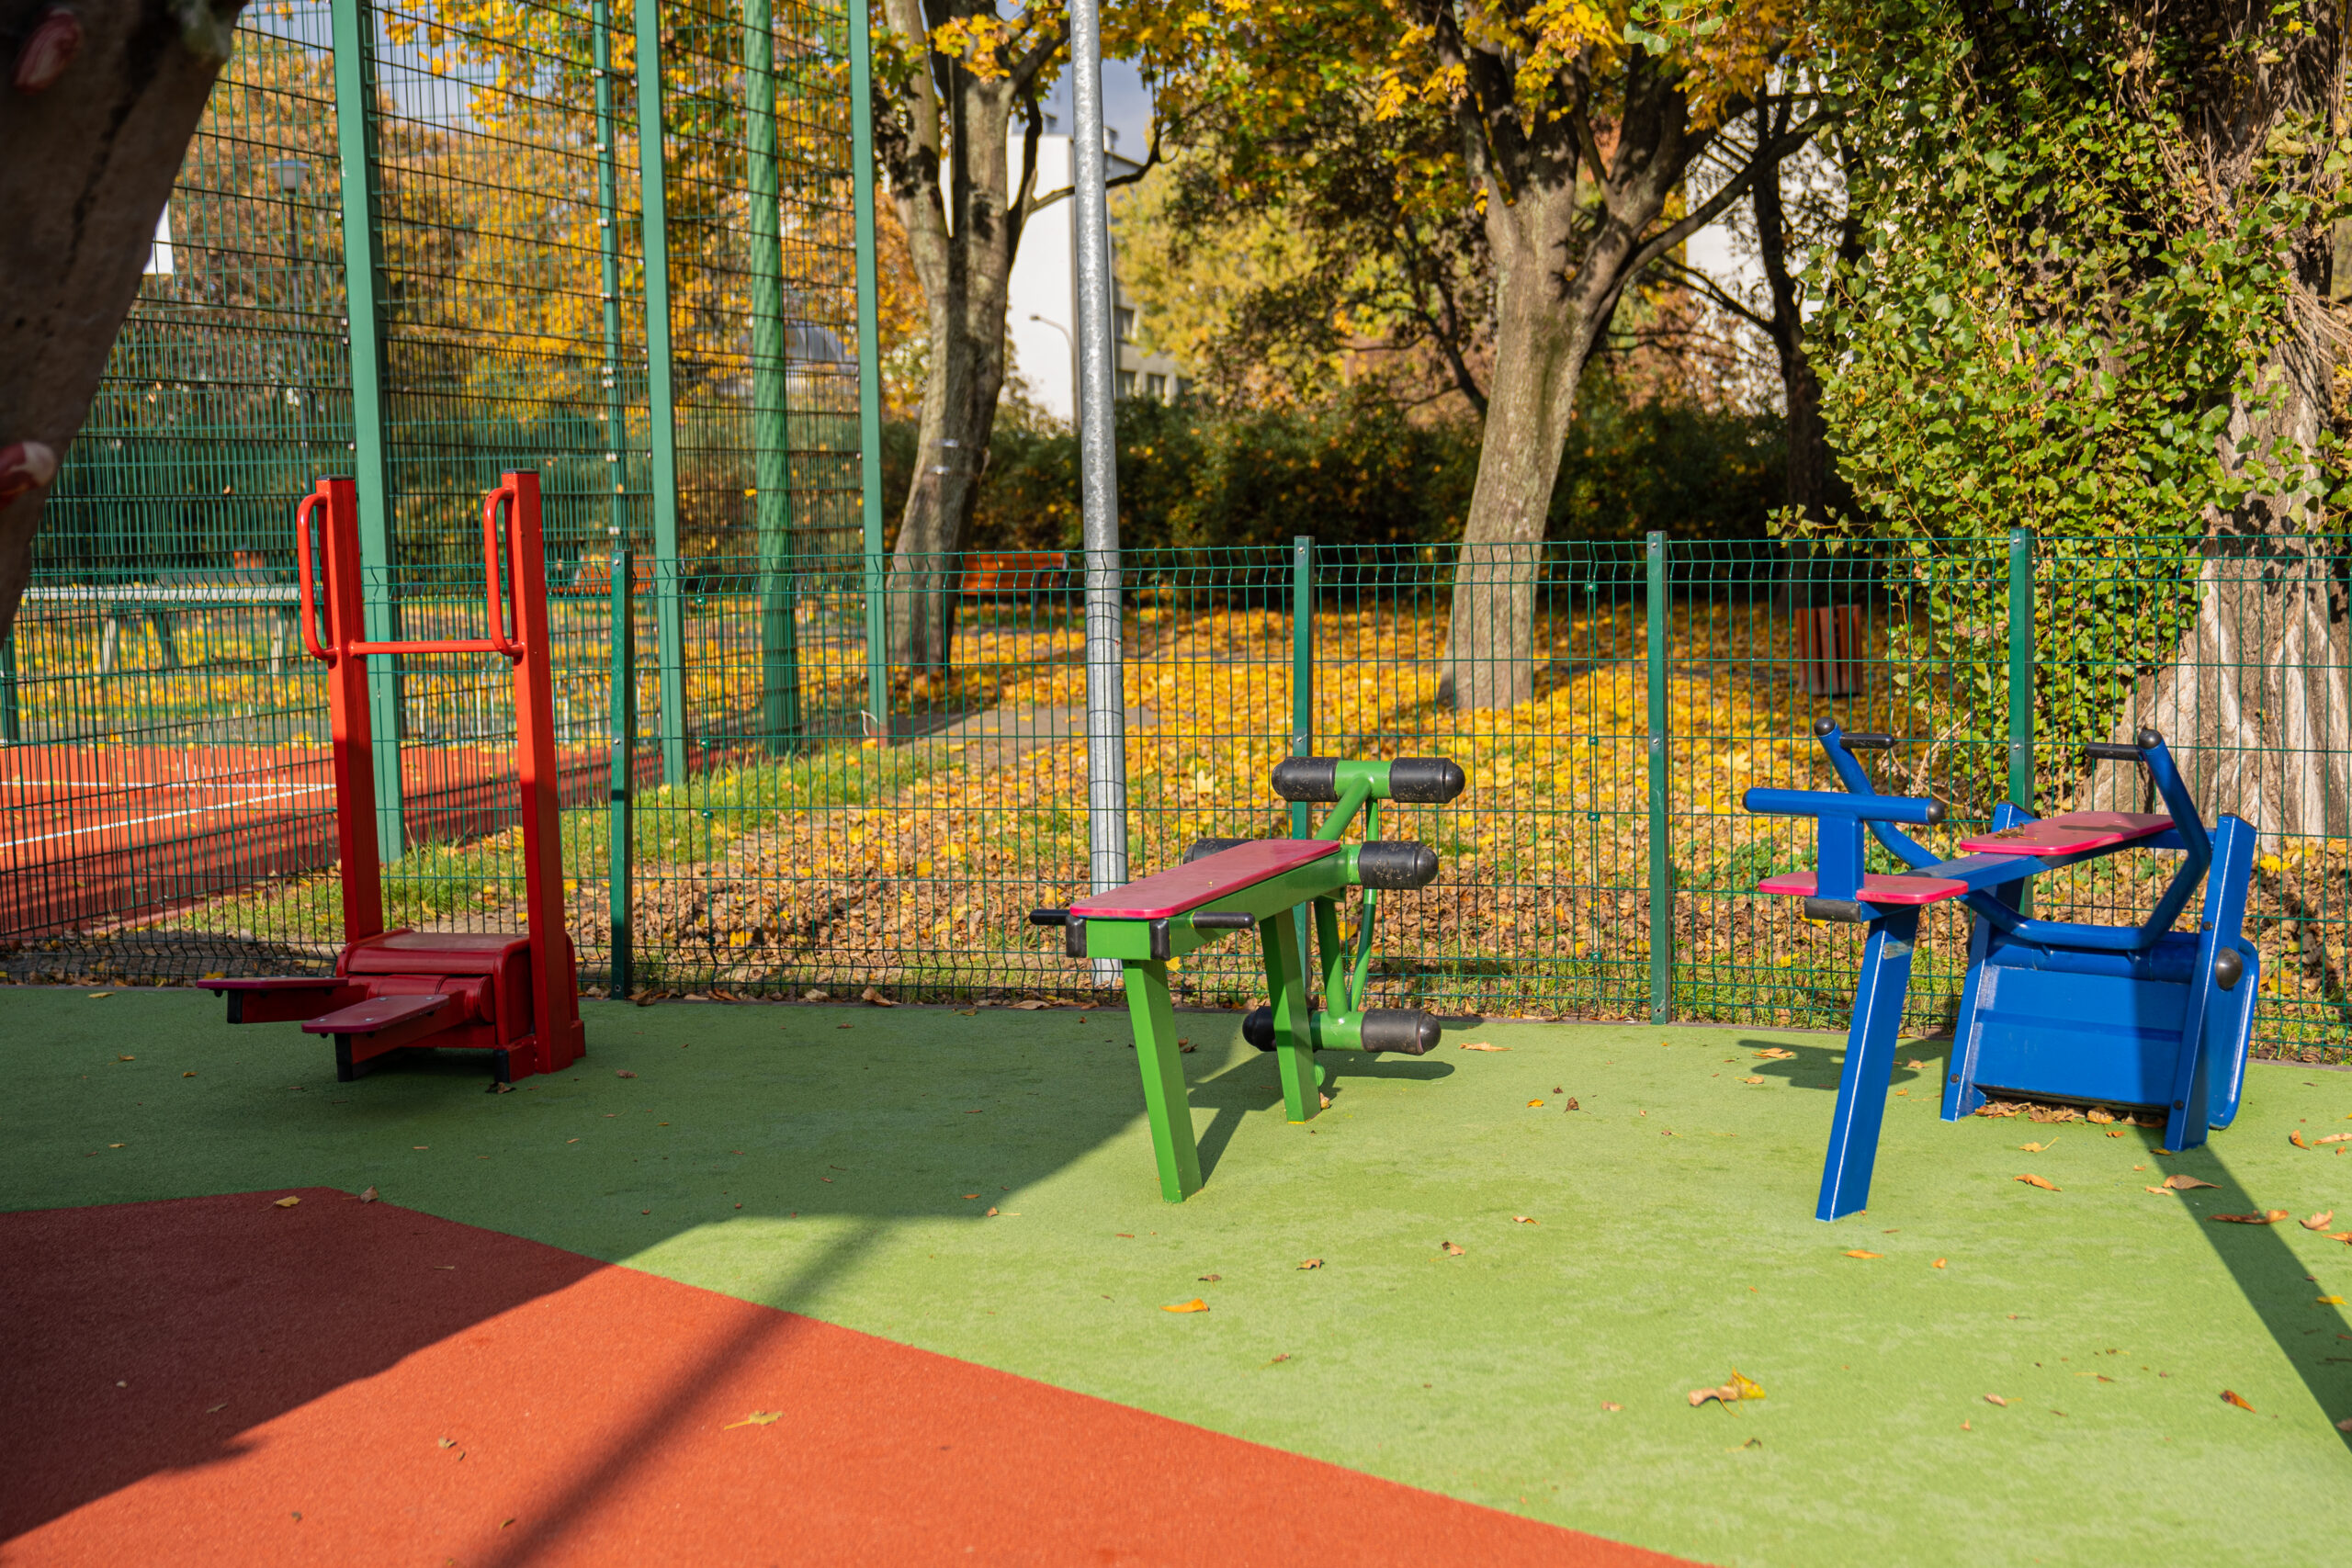 Niezwykle barwne jesienne zdjęcie siłowni plenerowej przy zewnętrznym obiekcie sportowym Syrenka. Znajdują się na niej barwne urządzenia do ćwiczeń w kolorach żółtych, zielonych, niebieskich i czerwonych postawione są one na miękkim zielono-ceglaste podłoże tartanowe.